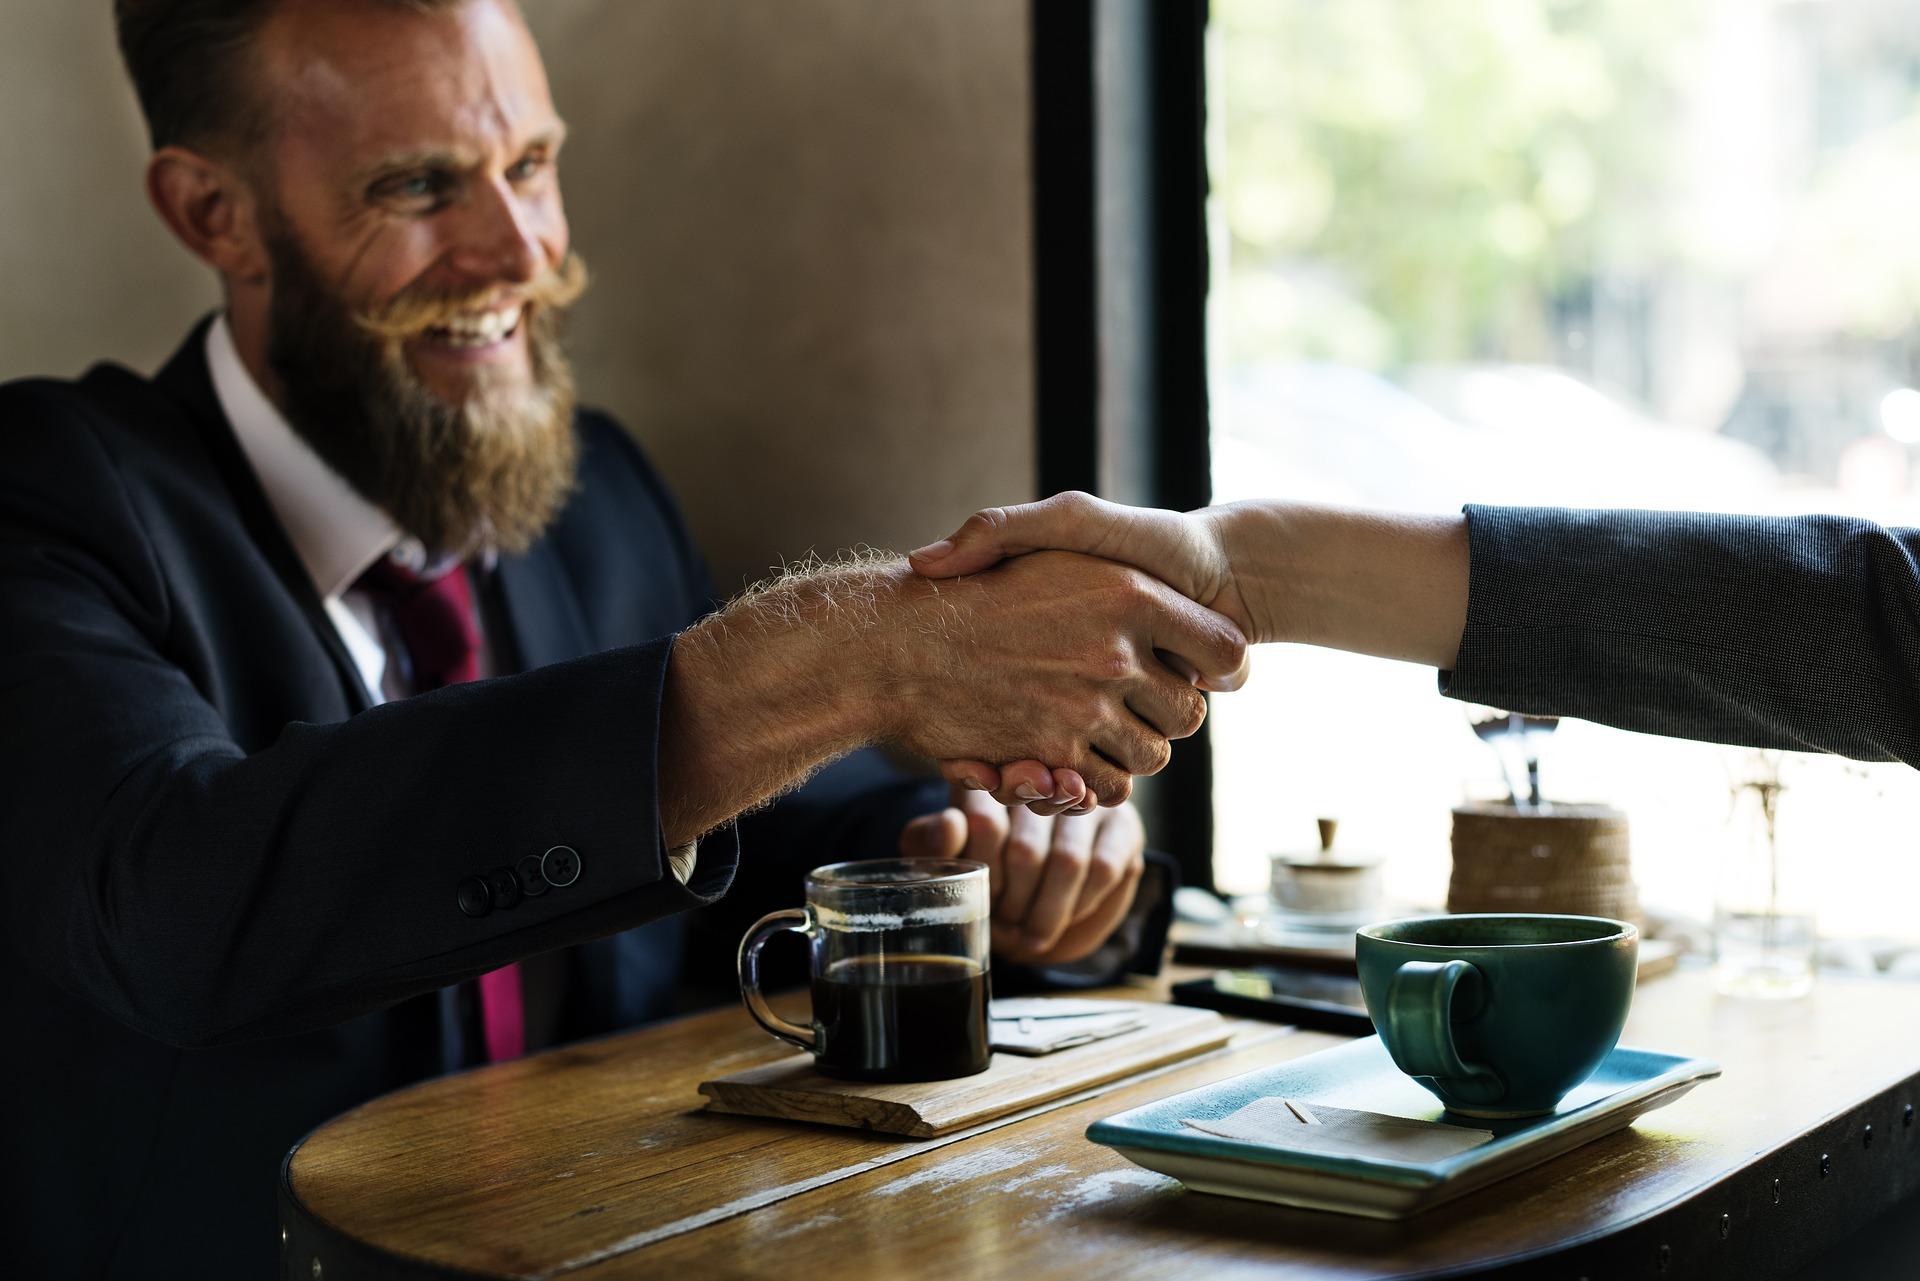 Mit Händeschütteln die gute Beziehung bestätigen